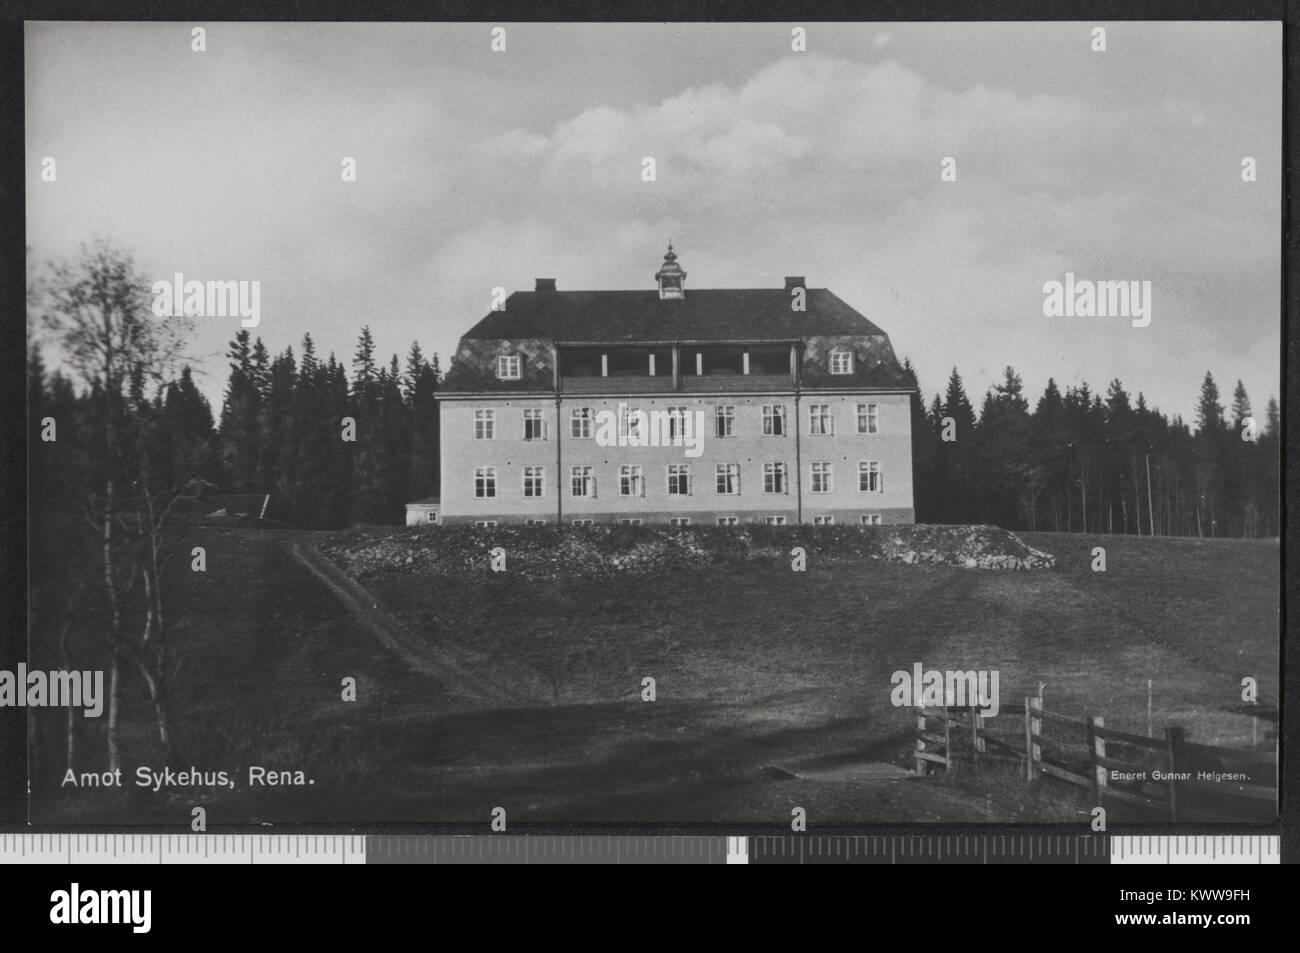 Åmot Sykehus, Rena - no-nb digifoto 00088 20150810 bldsa PK30011 Foto Stock